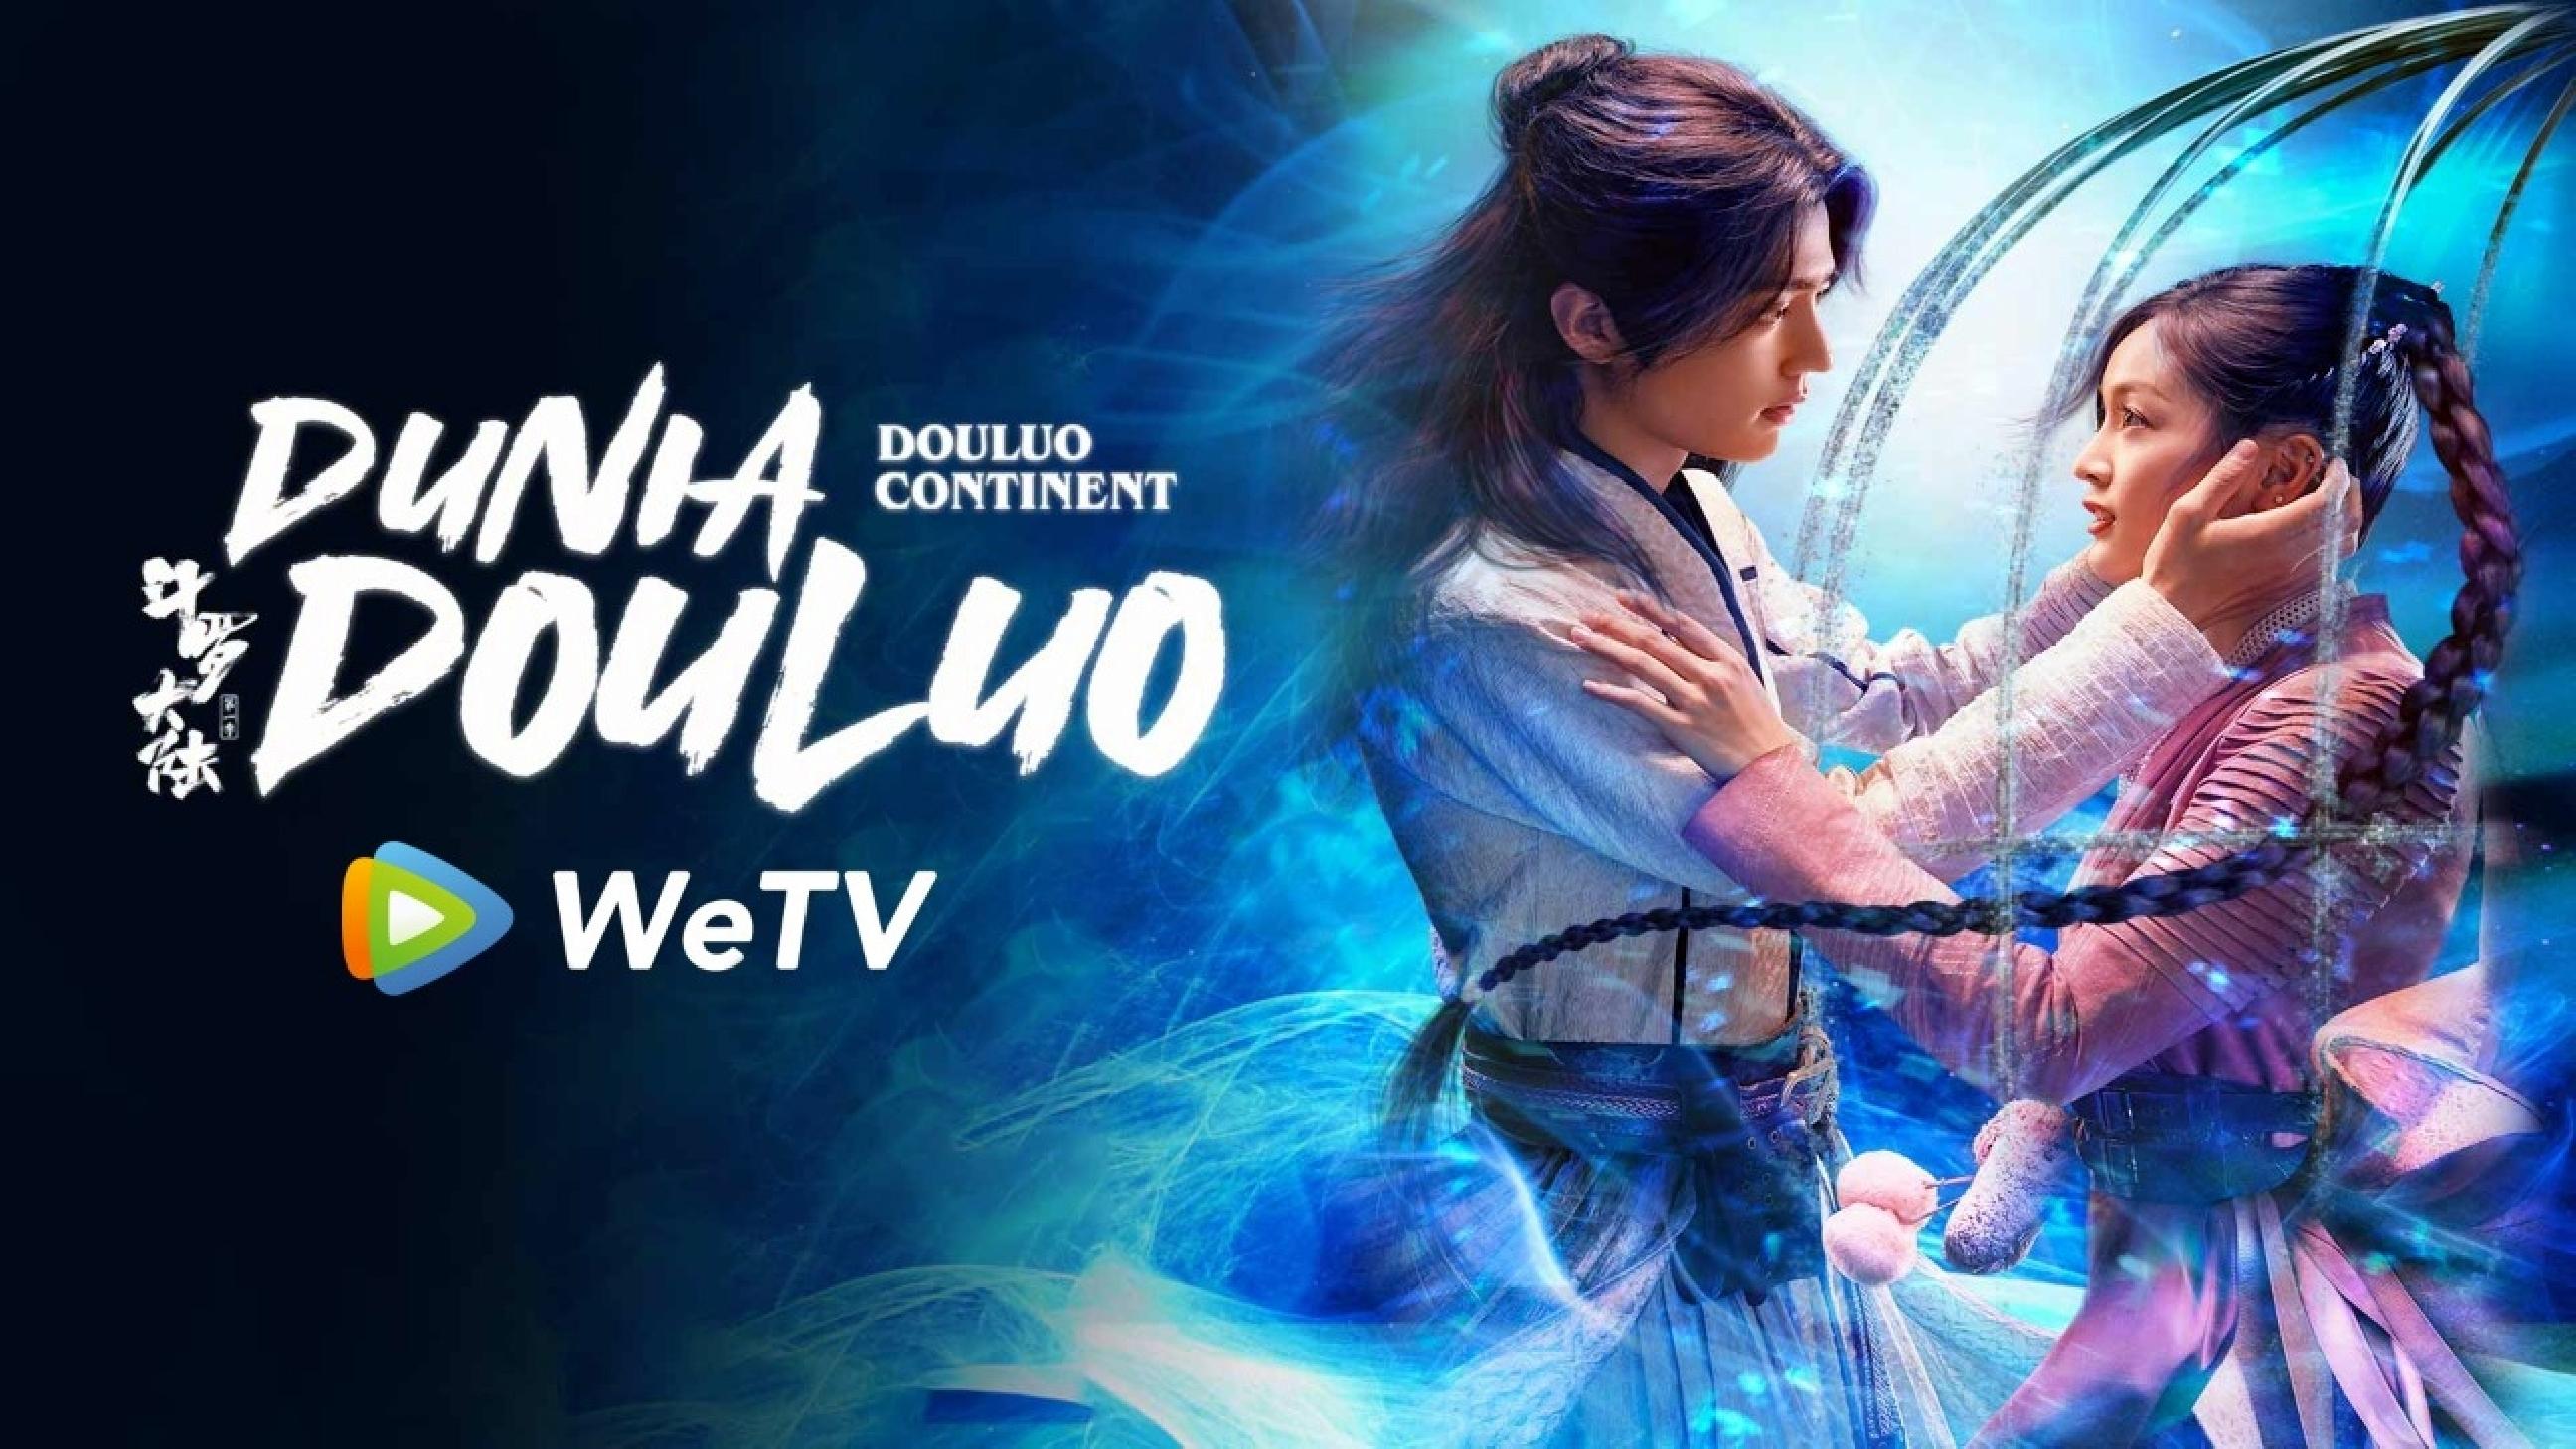 Douluo Continent, kisah drama para roh petarung dalam intrik istana